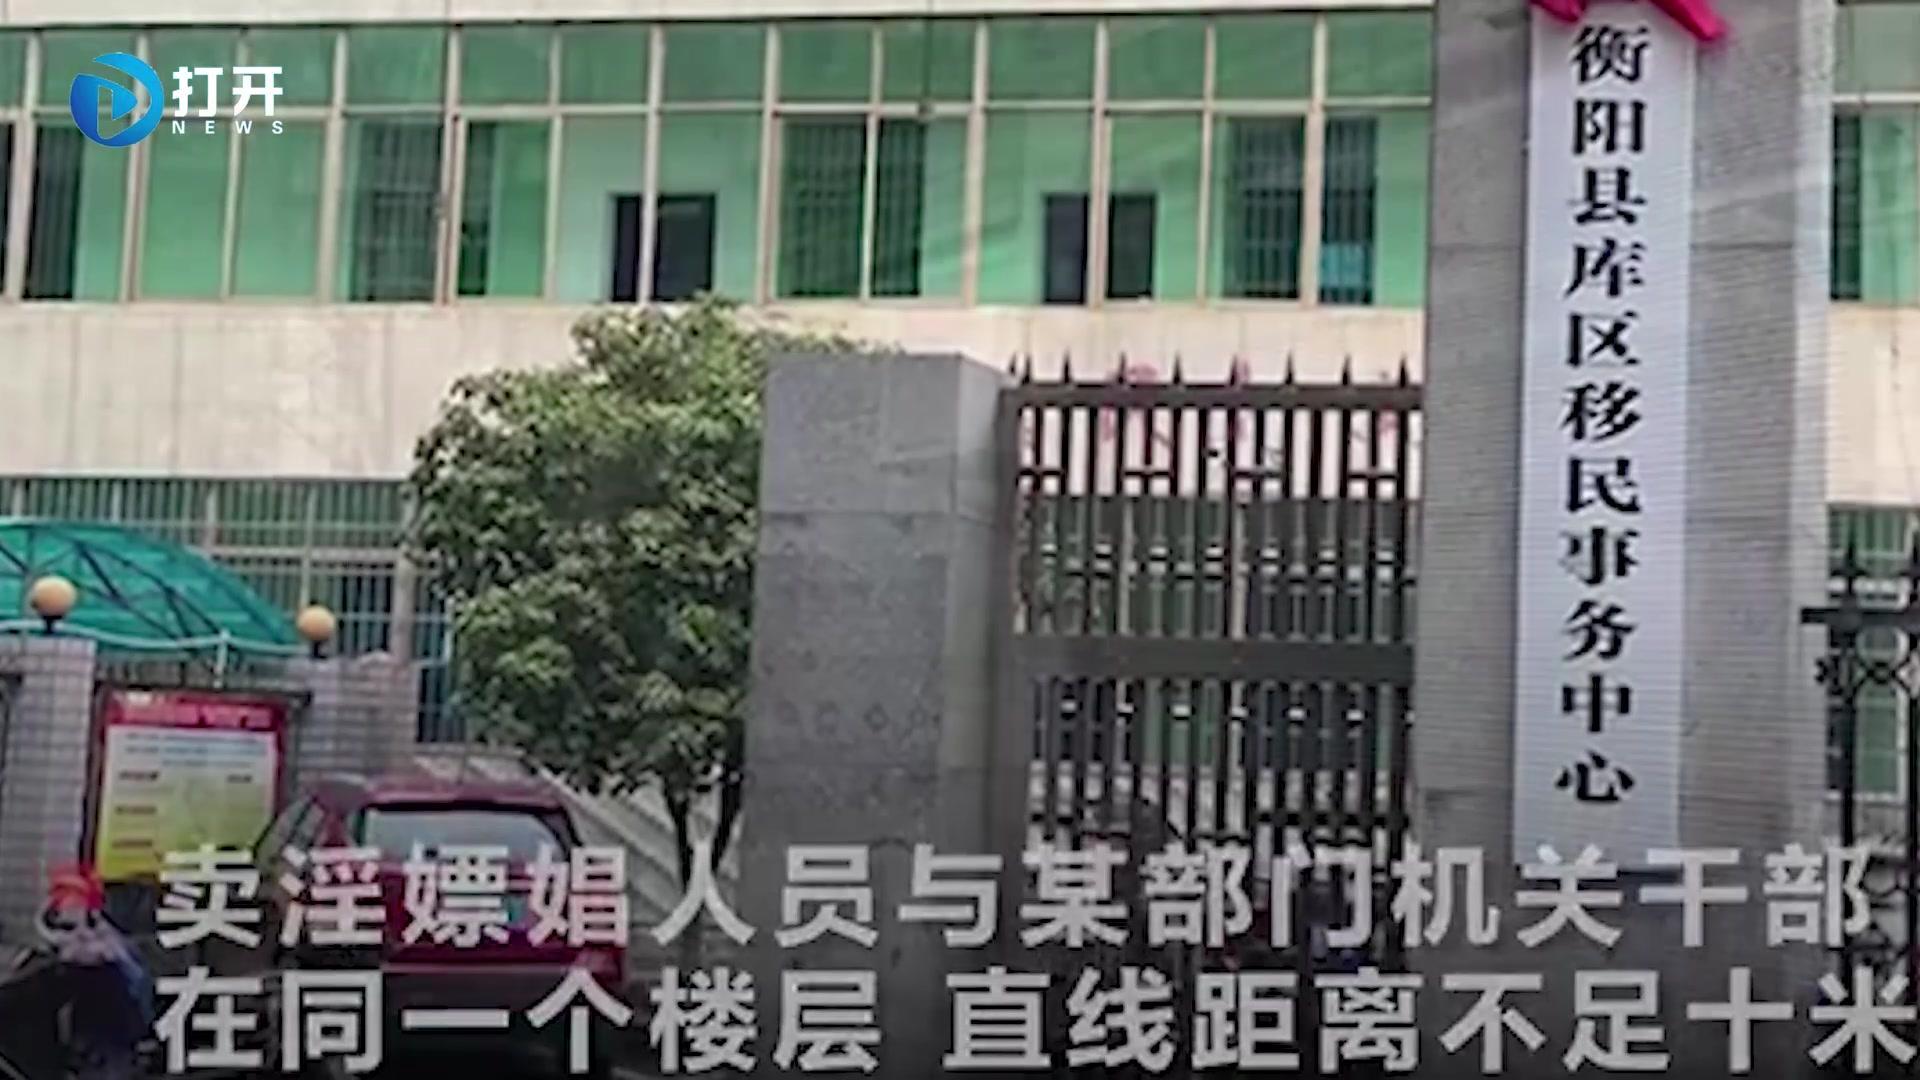 机关大院内藏卖淫窝点:与机关干部距离不足10米 网友评论亮了